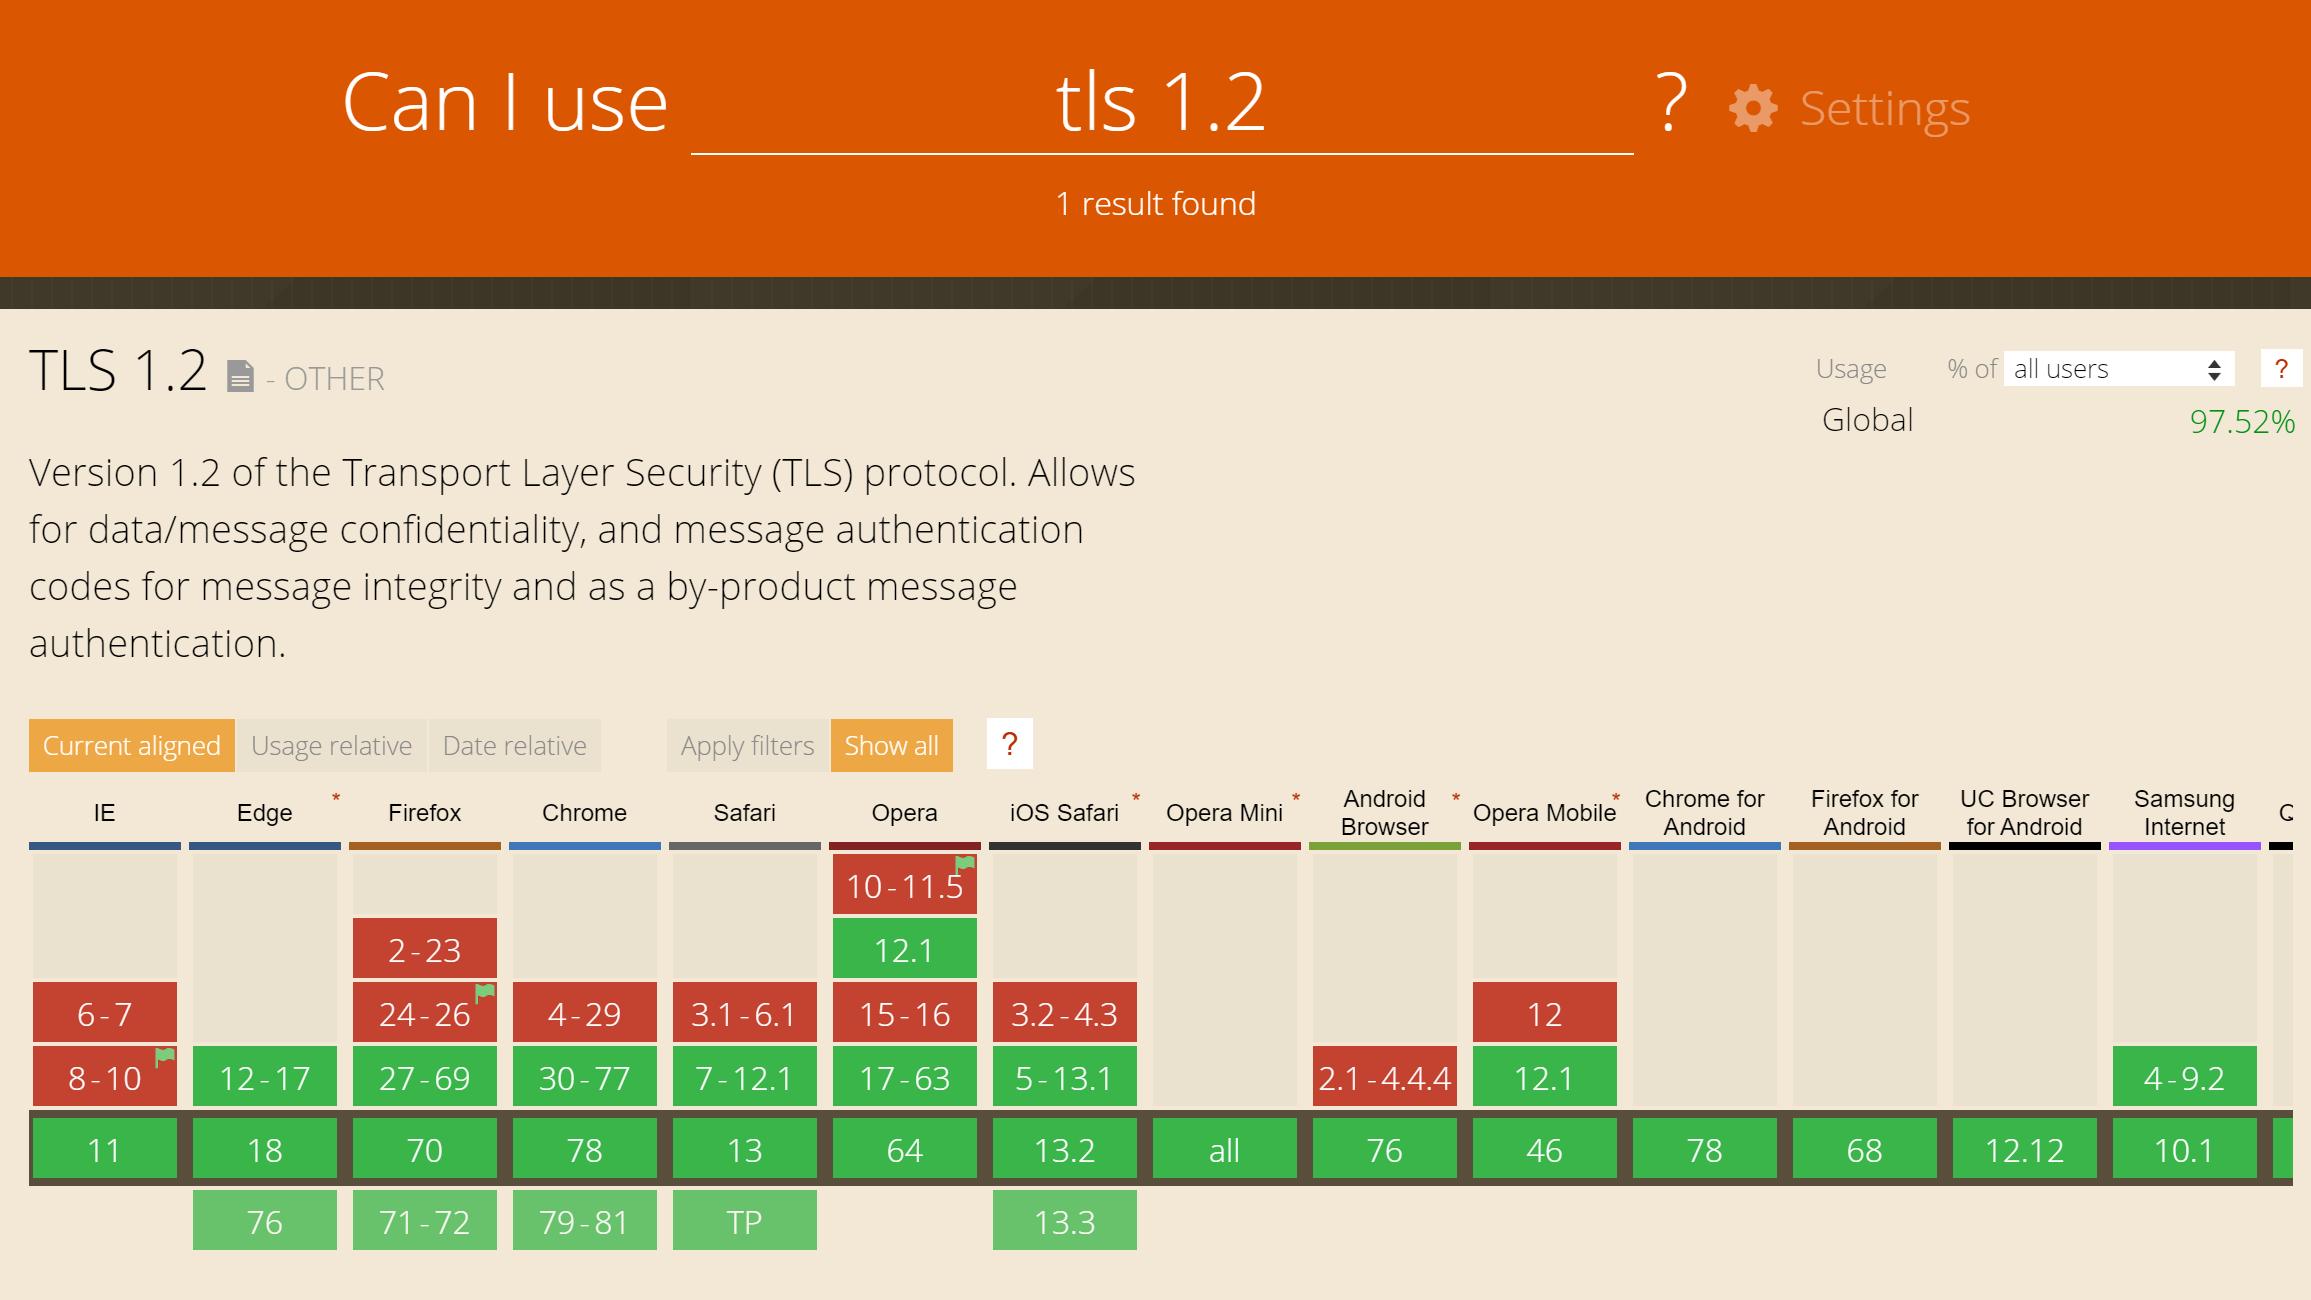 Prise en charge des navigateurs Web de TLS 1.2